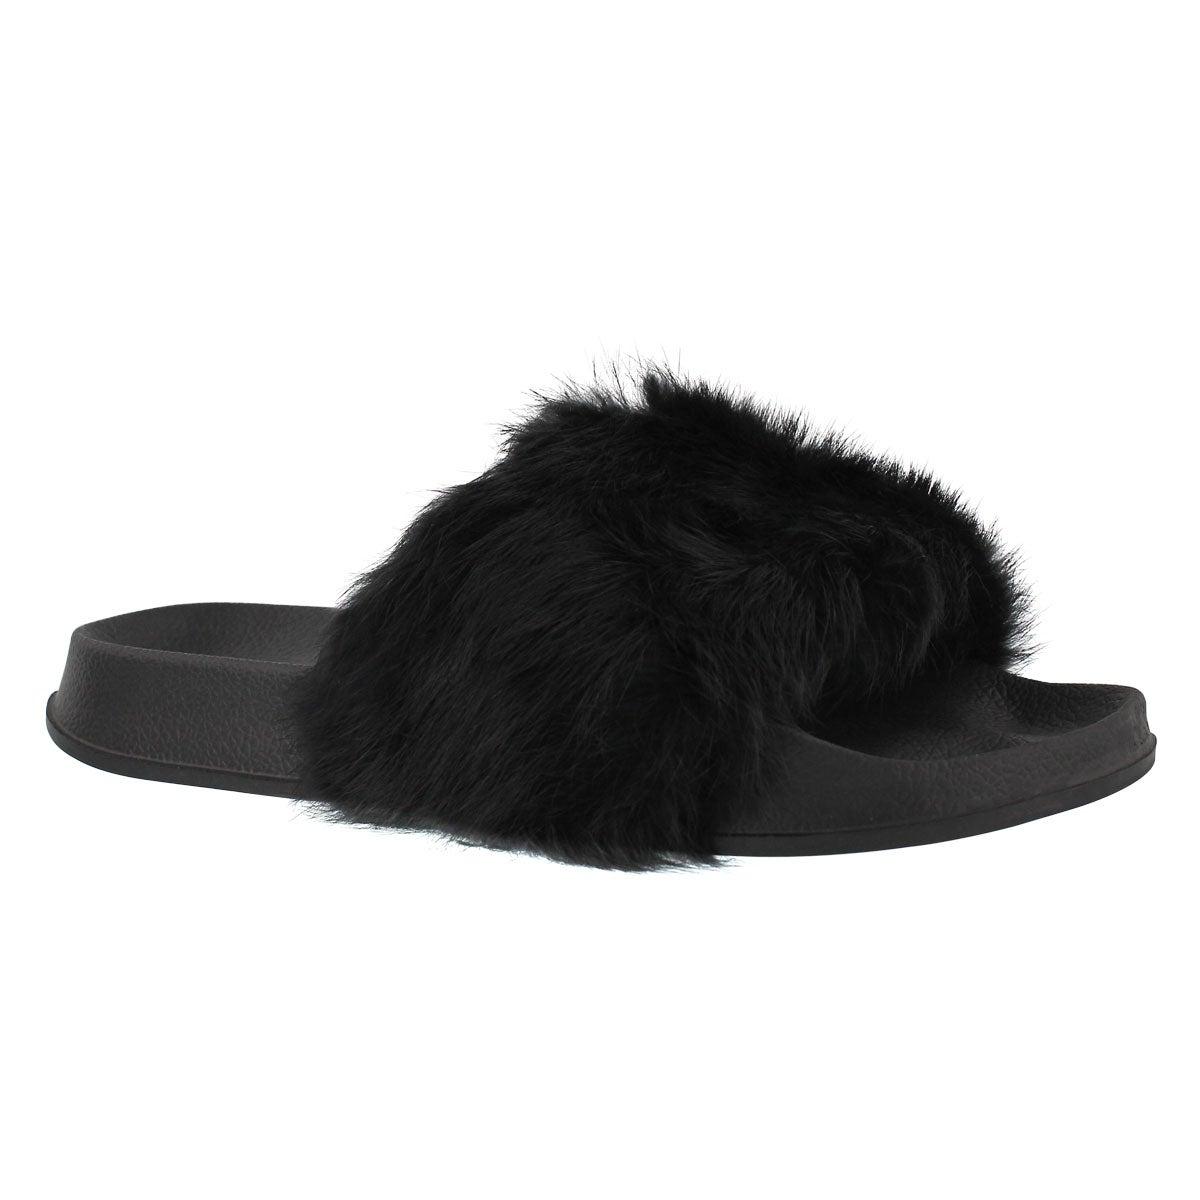 Women's ERICA black fur slide slippers